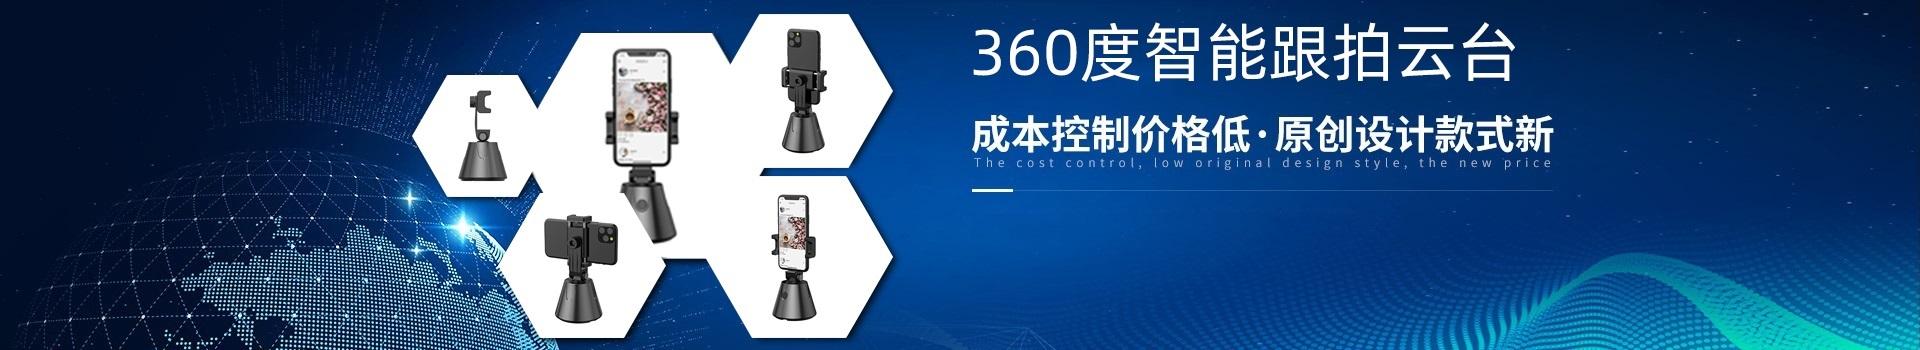 360度智能跟拍云台